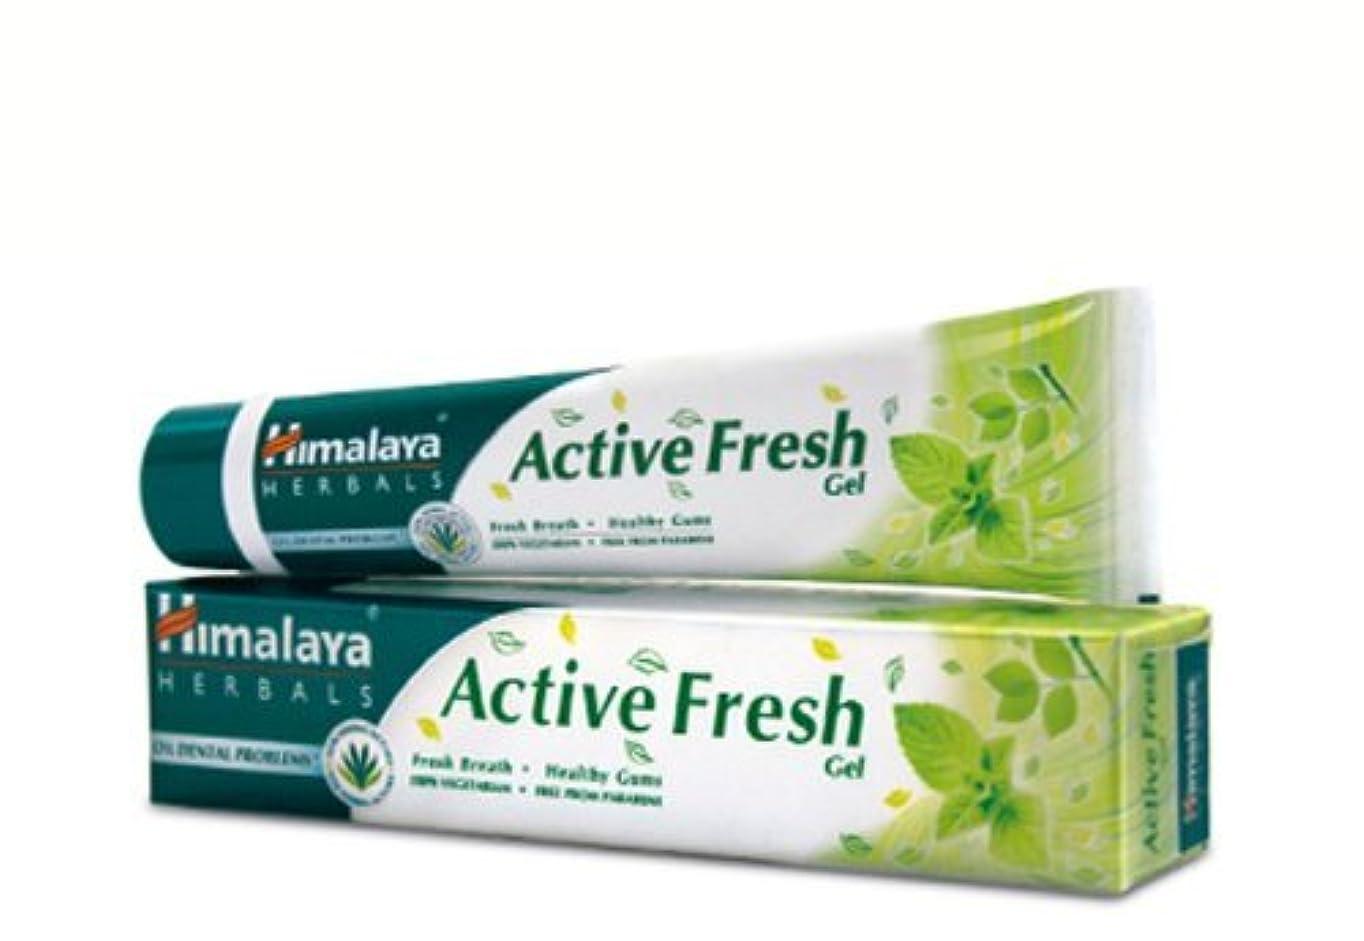 ファウル提供された無声でヒマラヤ トゥースペイスト アクティブ フレッシュ(歯磨き粉)80g Himalaya Active Fresh Toothpaste